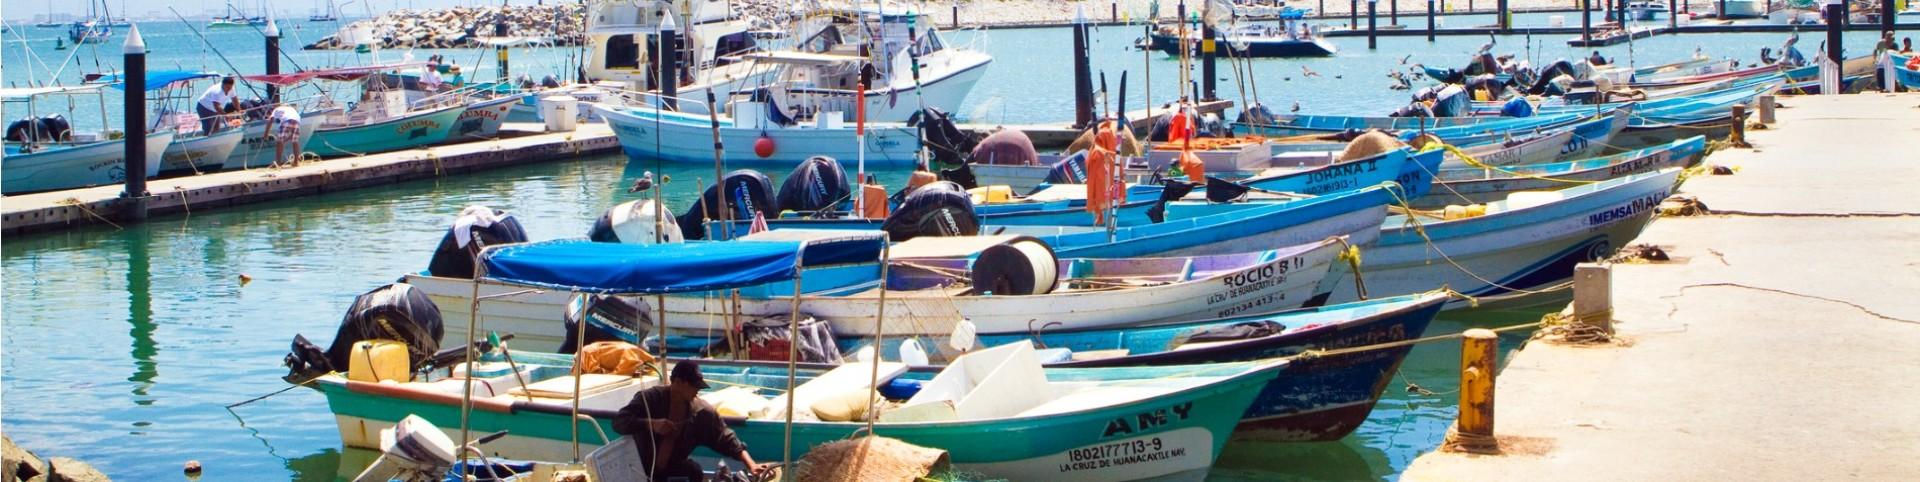 mexico-fisheries-hero.jpg